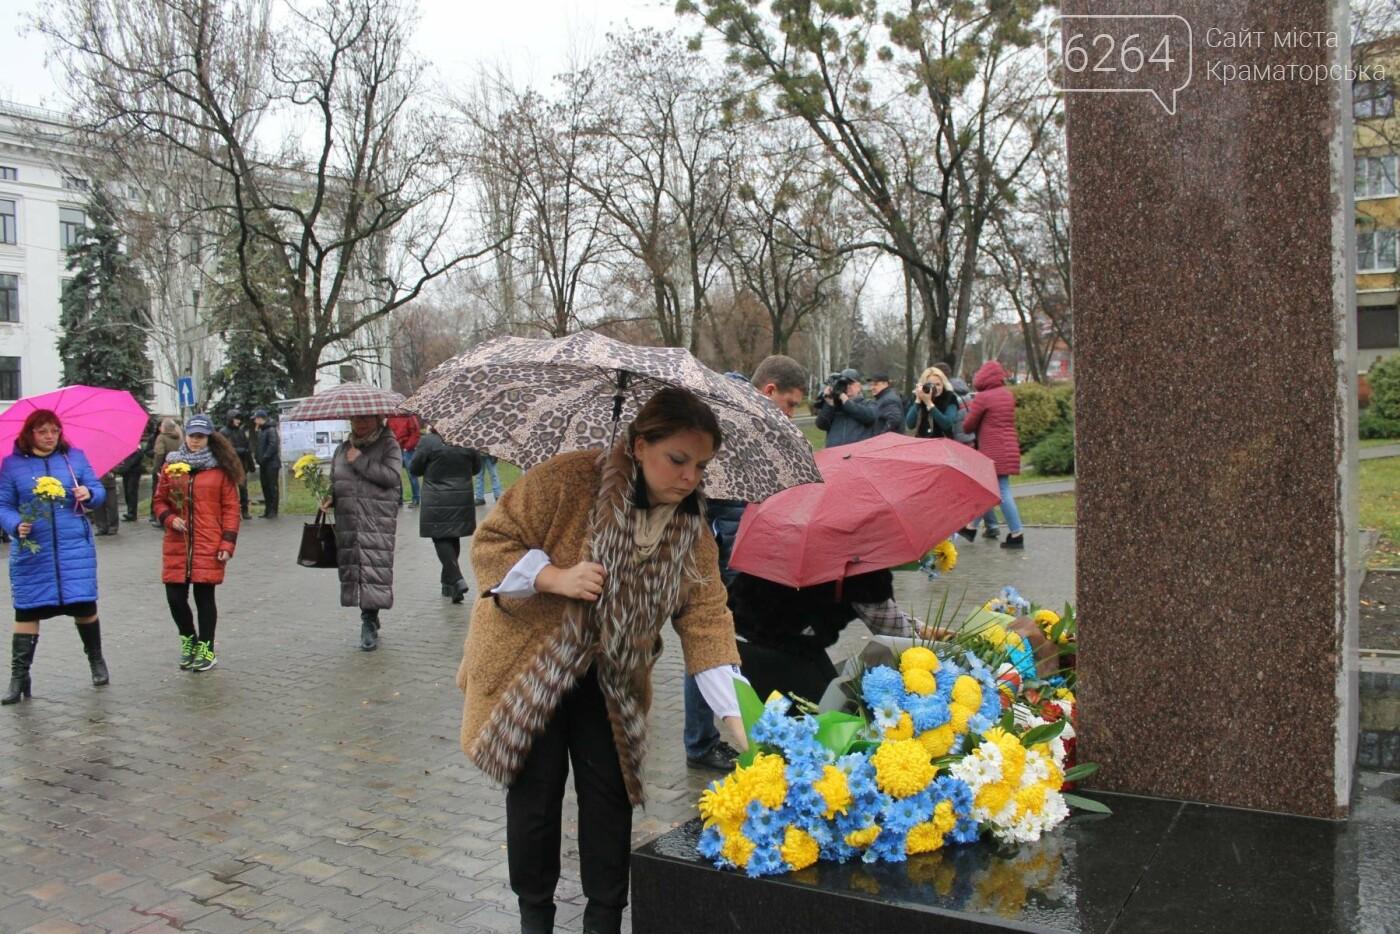 В Краматорске прошел митинг ко Дню Достоинства и Свободы, фото-4